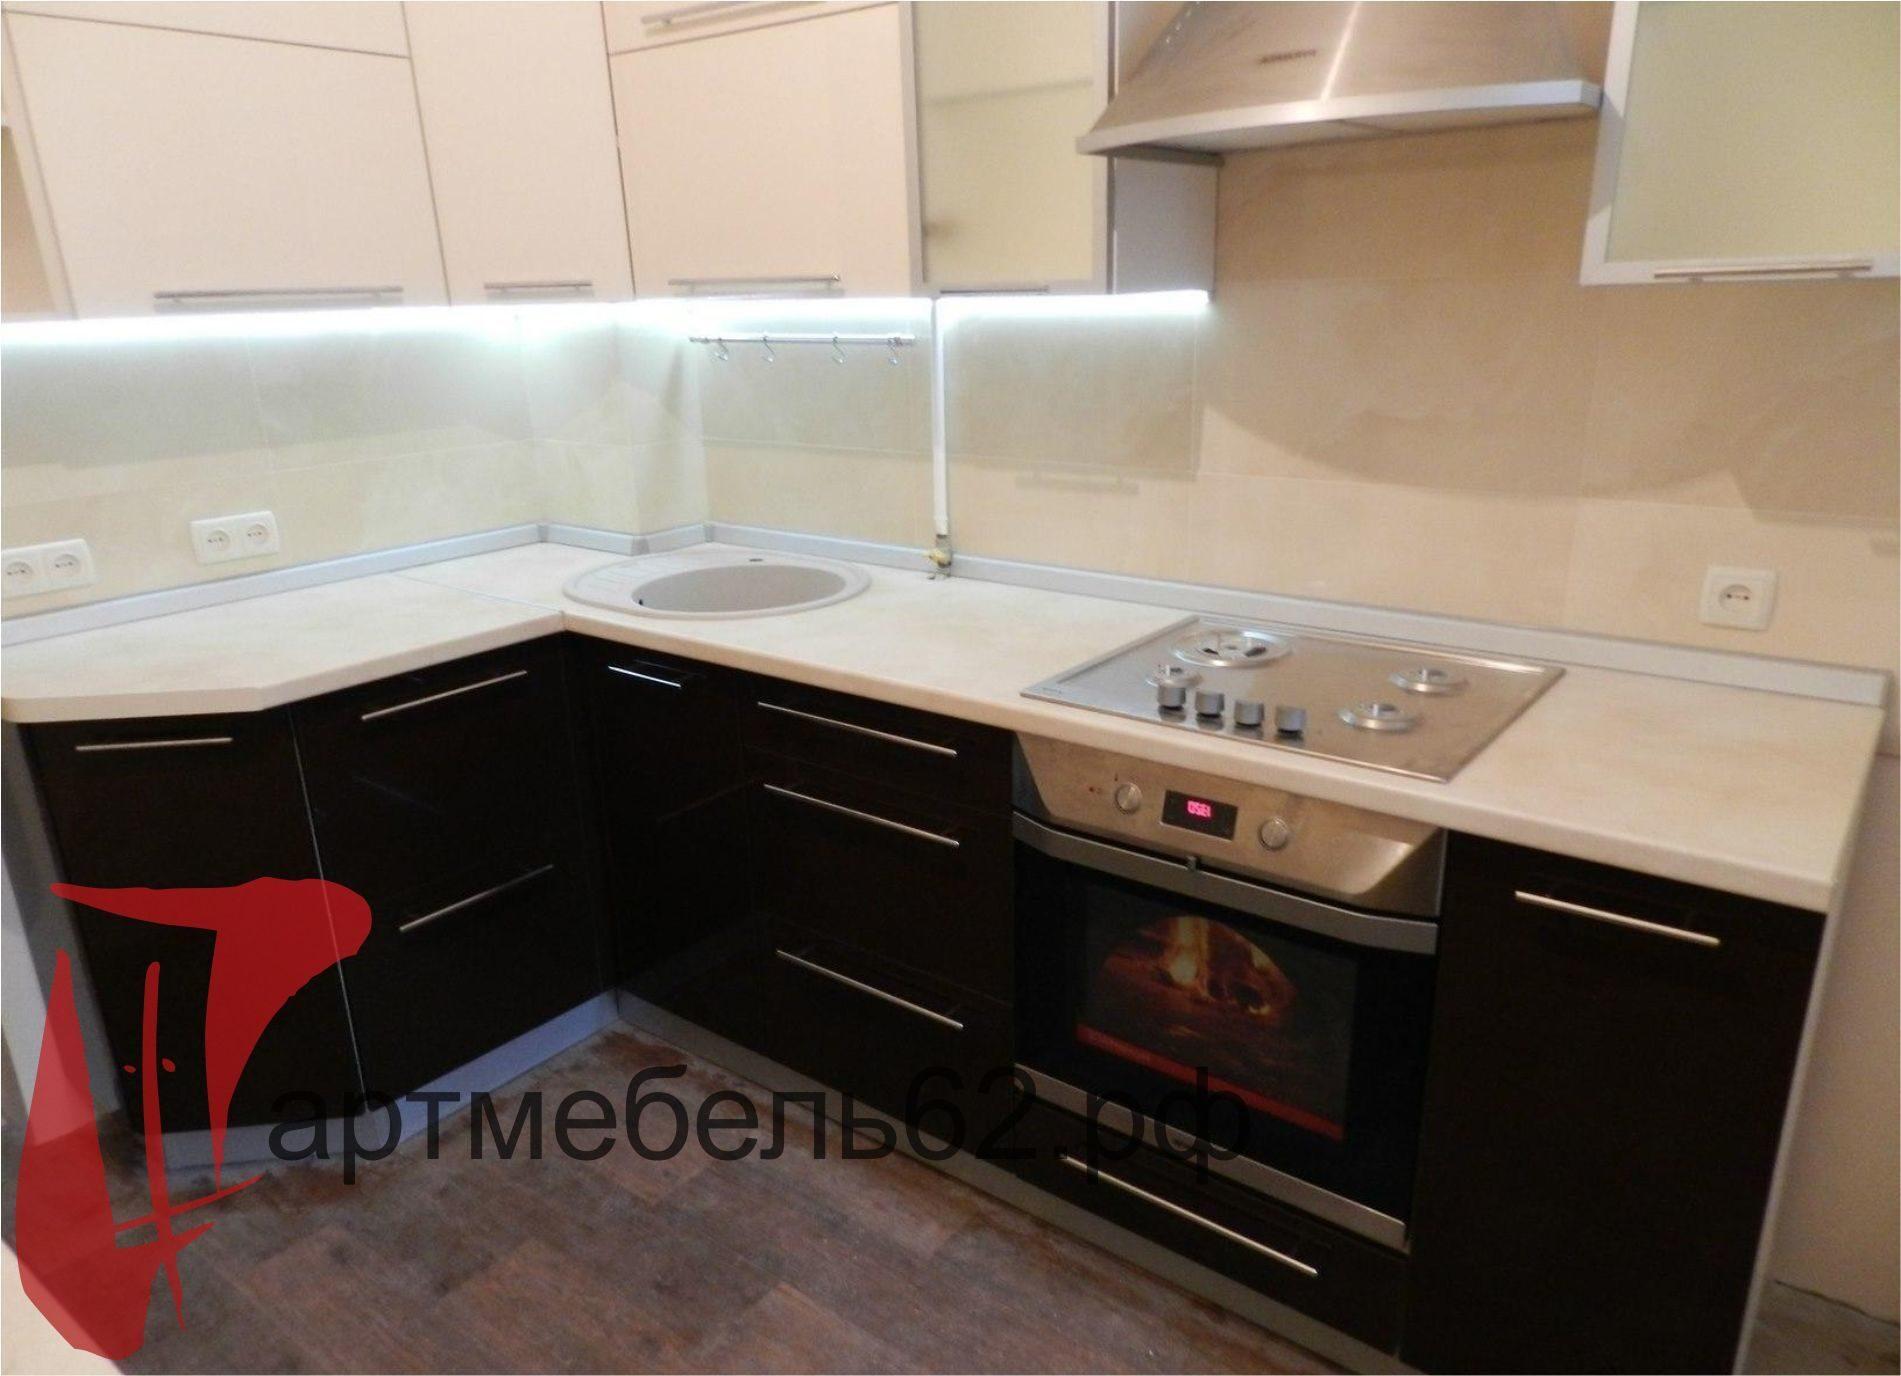 кухни маленькие современные фото